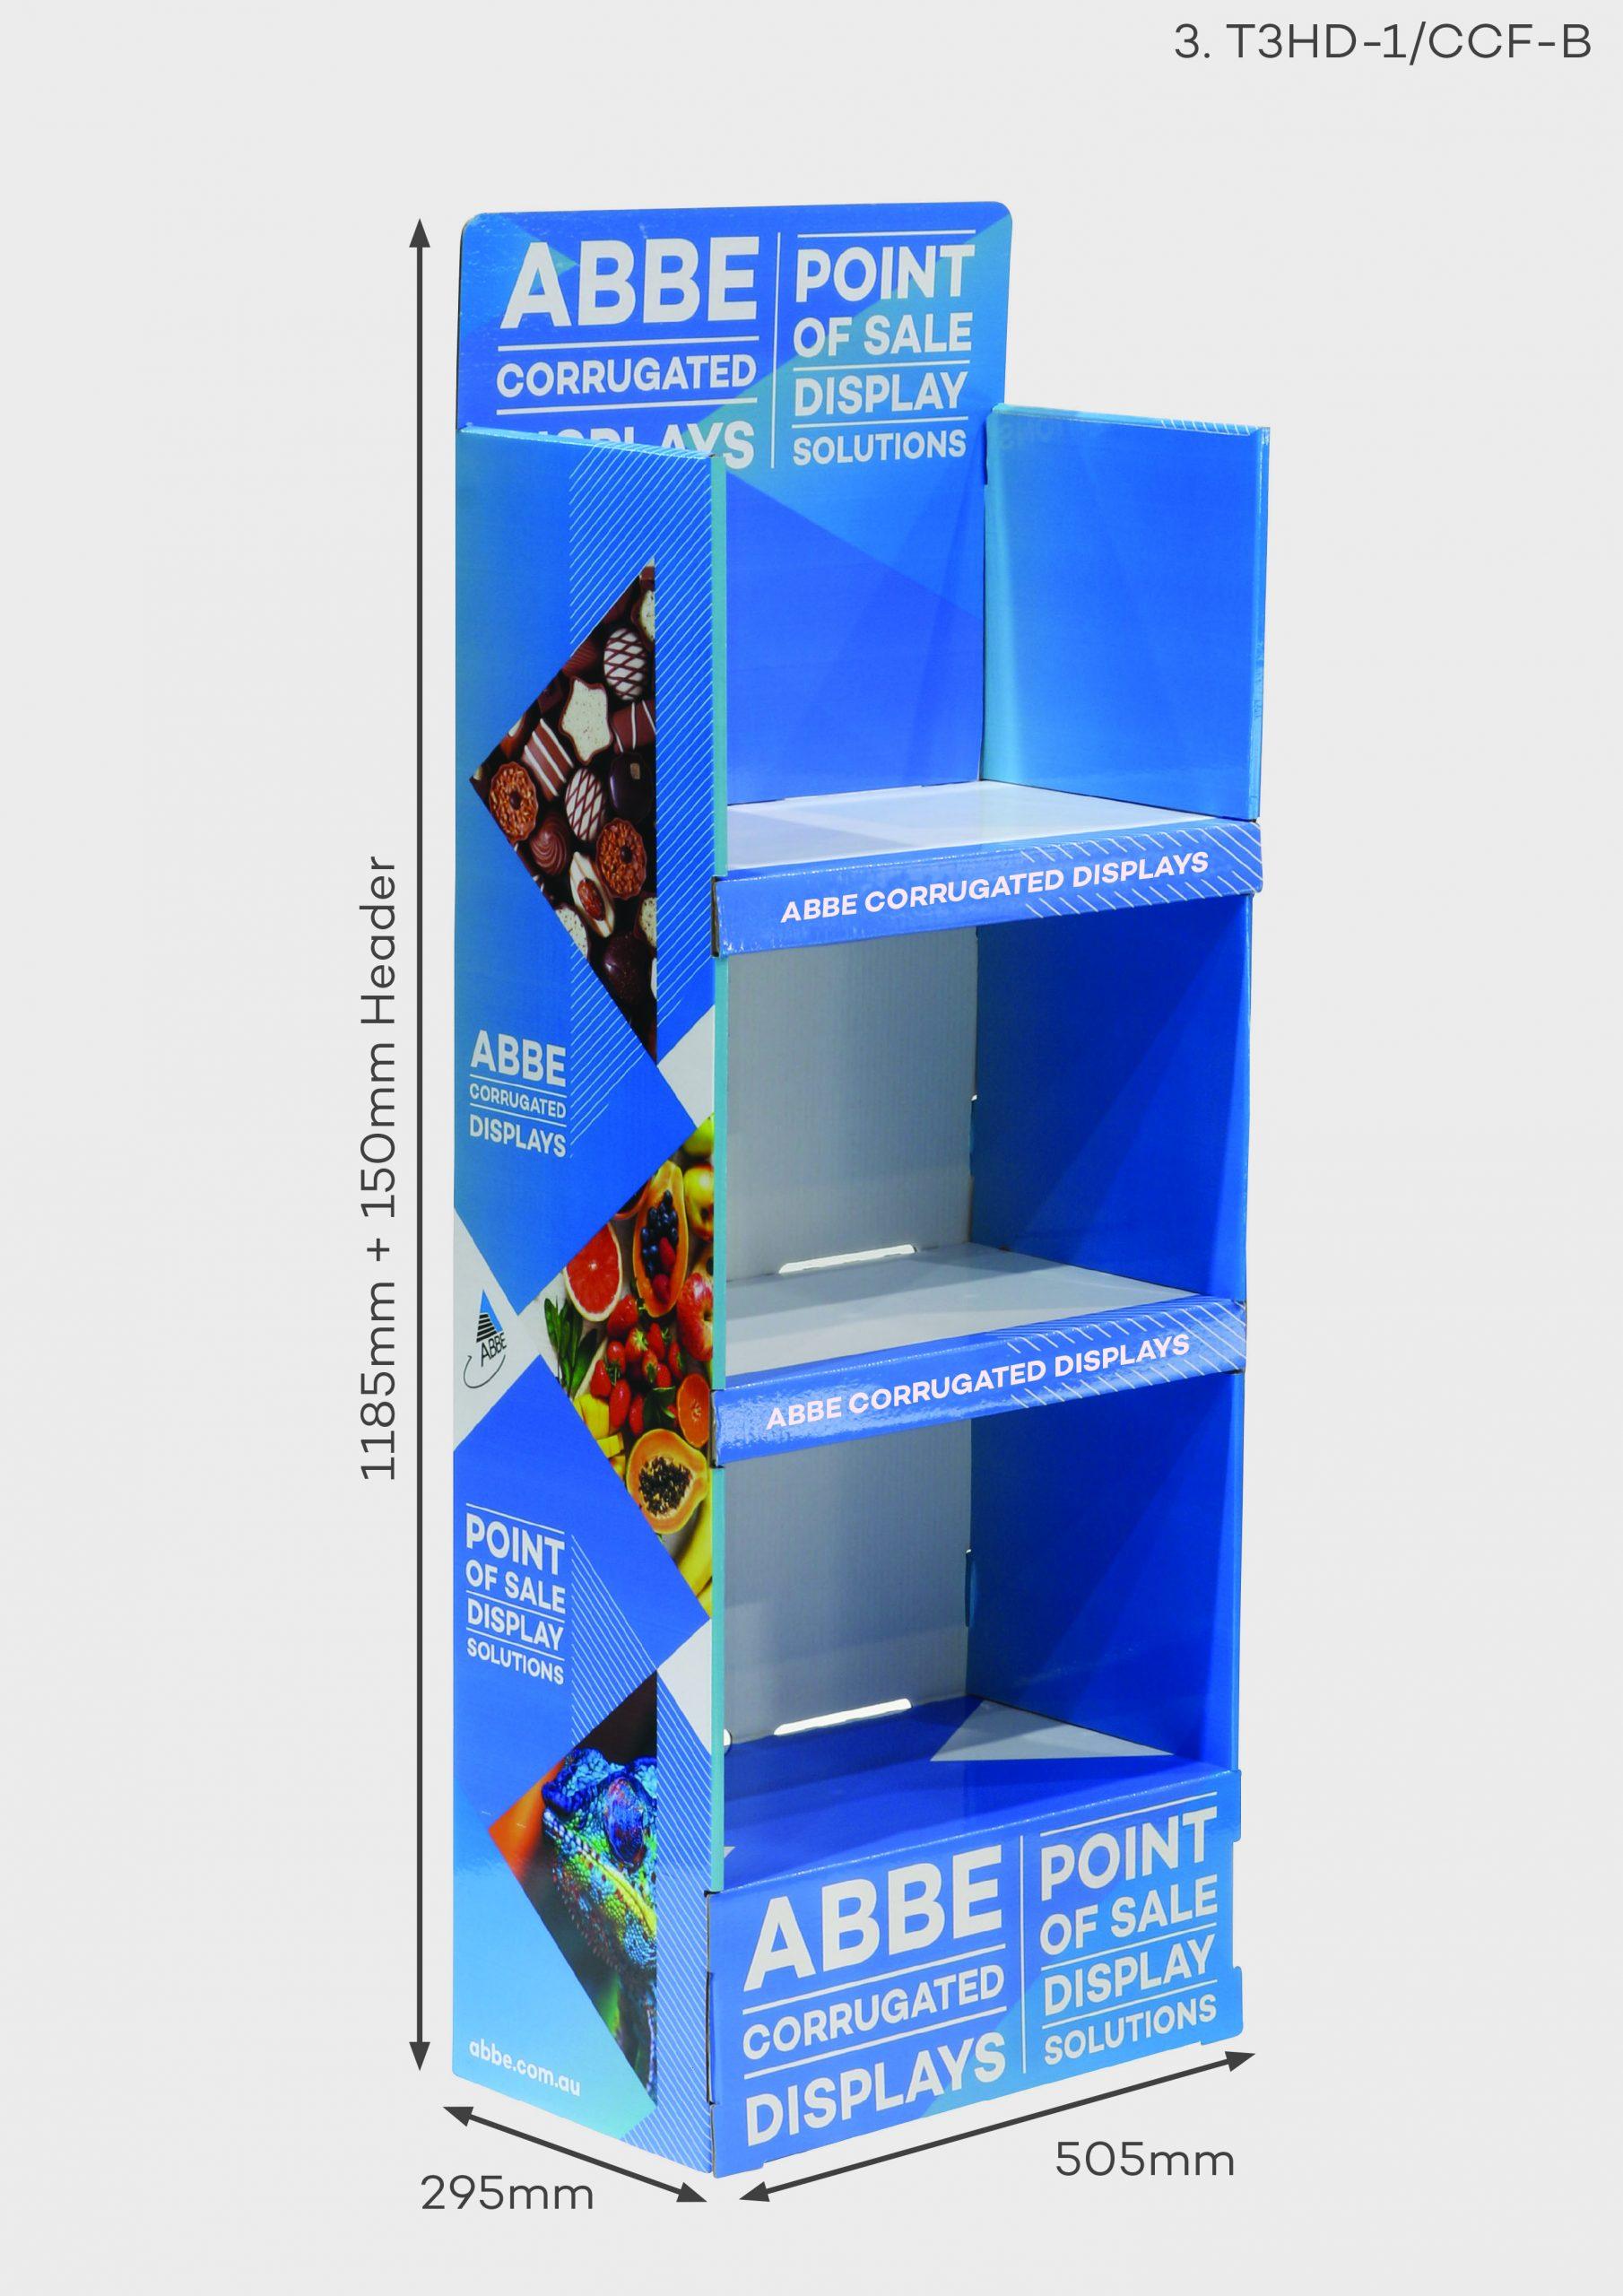 3 Shelf Display (Ref T3HD-1/CCF-B)